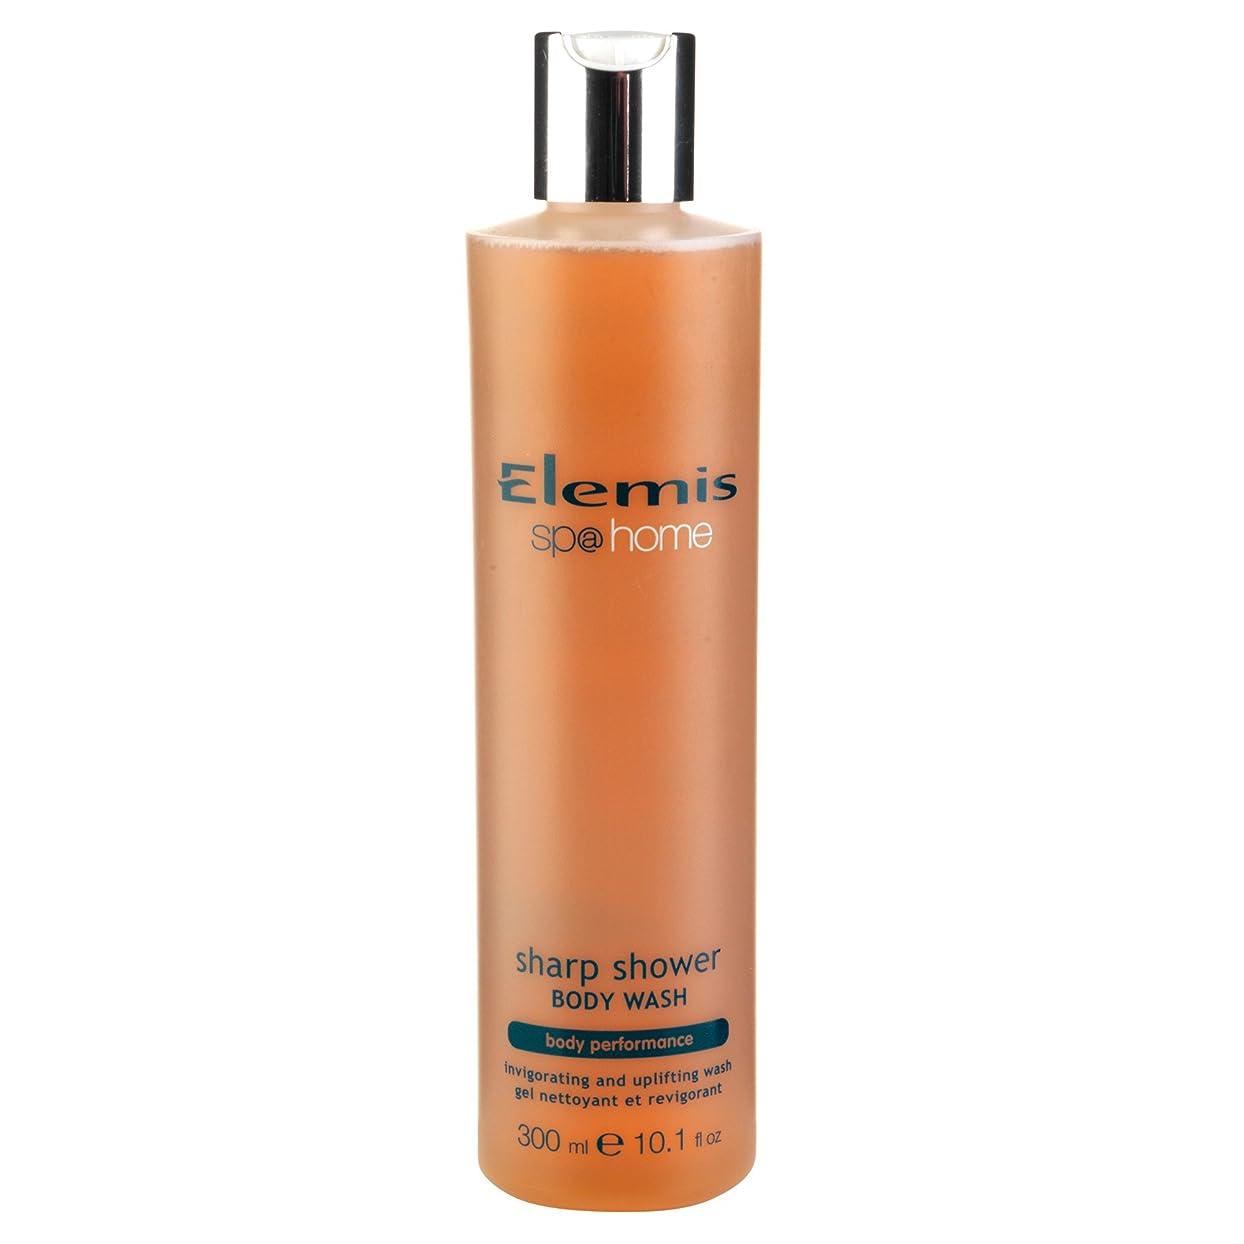 自分関係遠征エレミスシャープシャワーボディウォッシュ300ミリリットル (Elemis) (x2) - Elemis Sharp Shower Body Wash 300ml (Pack of 2) [並行輸入品]